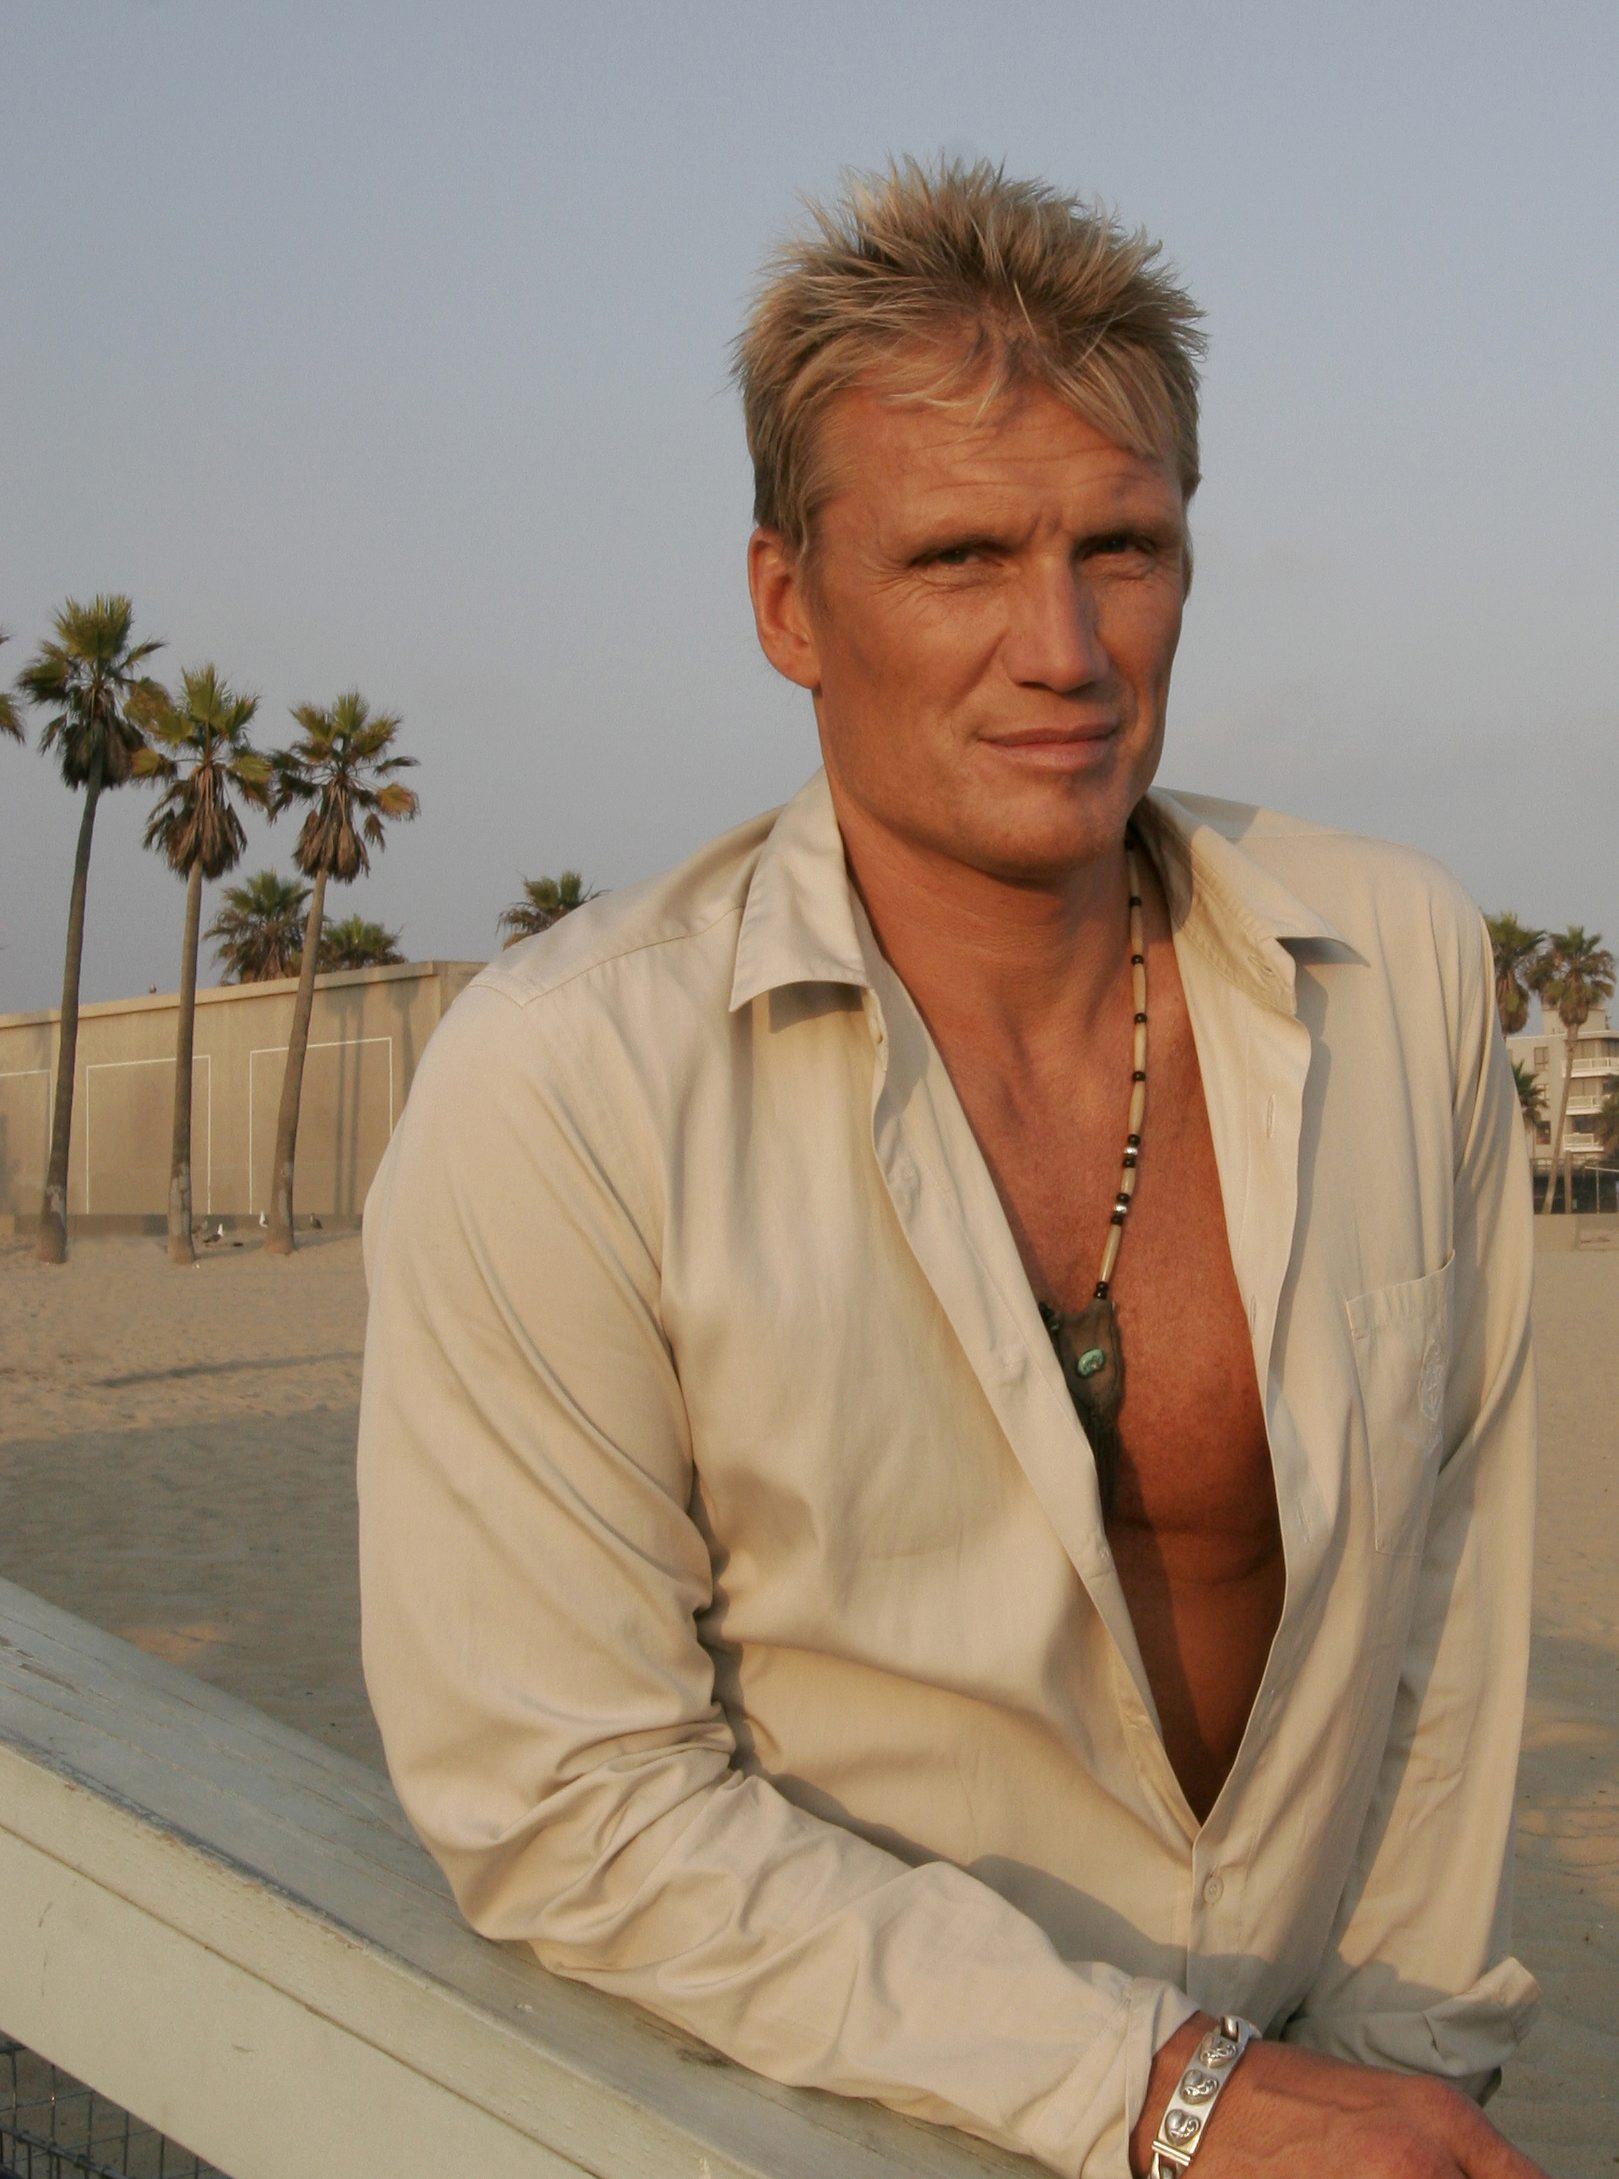 Dolph Lundgren photo #...